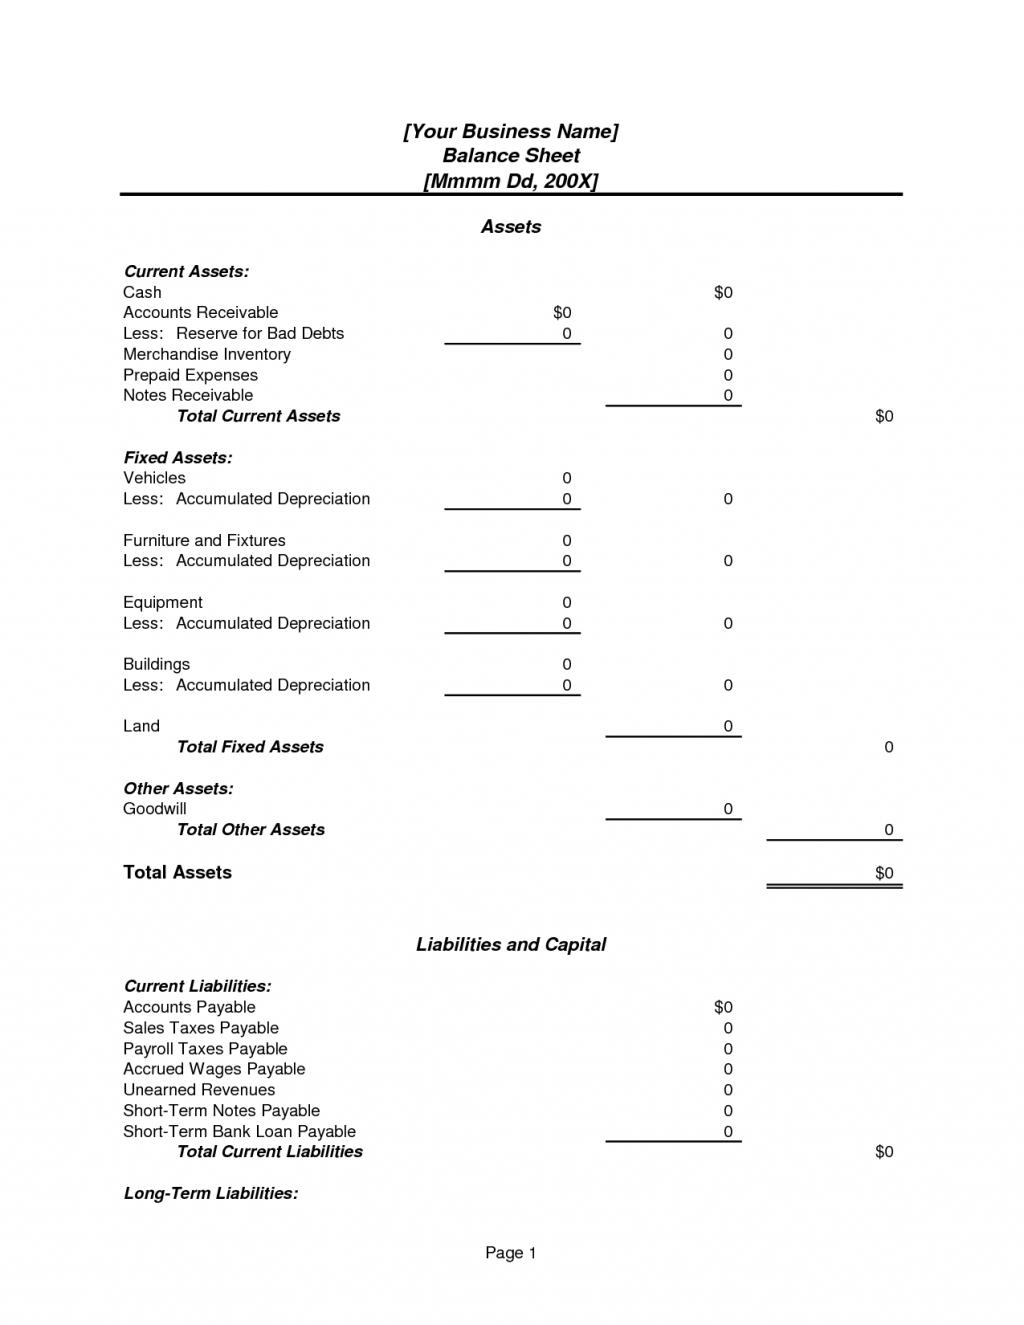 Assets And Liabilities Spreadsheet Template Balance Sheet Template Spreadsheet Template Balance Sheet